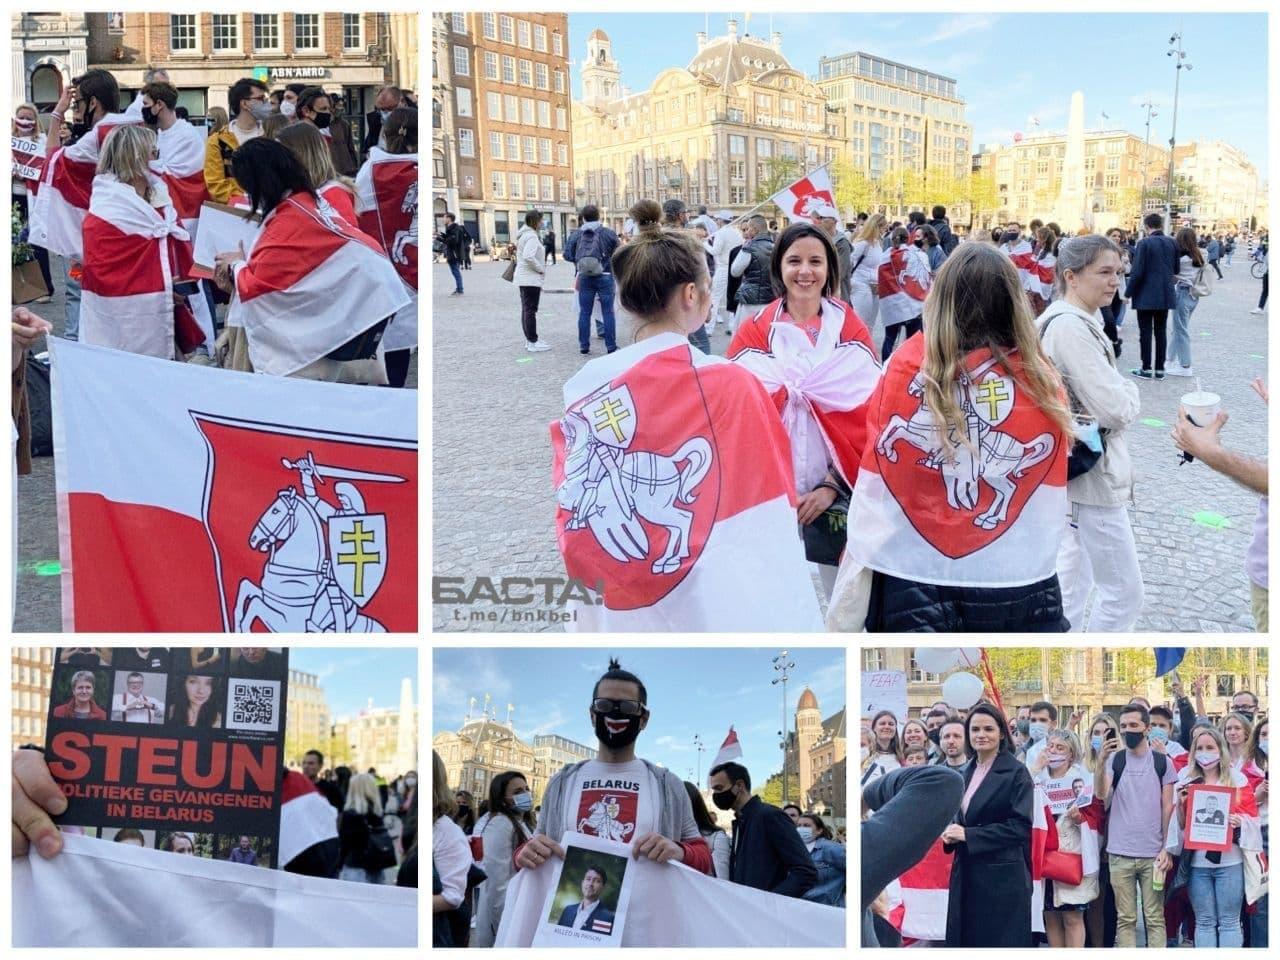 Более 200 человек собралось на площади в Амстердаме, чтобы поддержать белорусов1